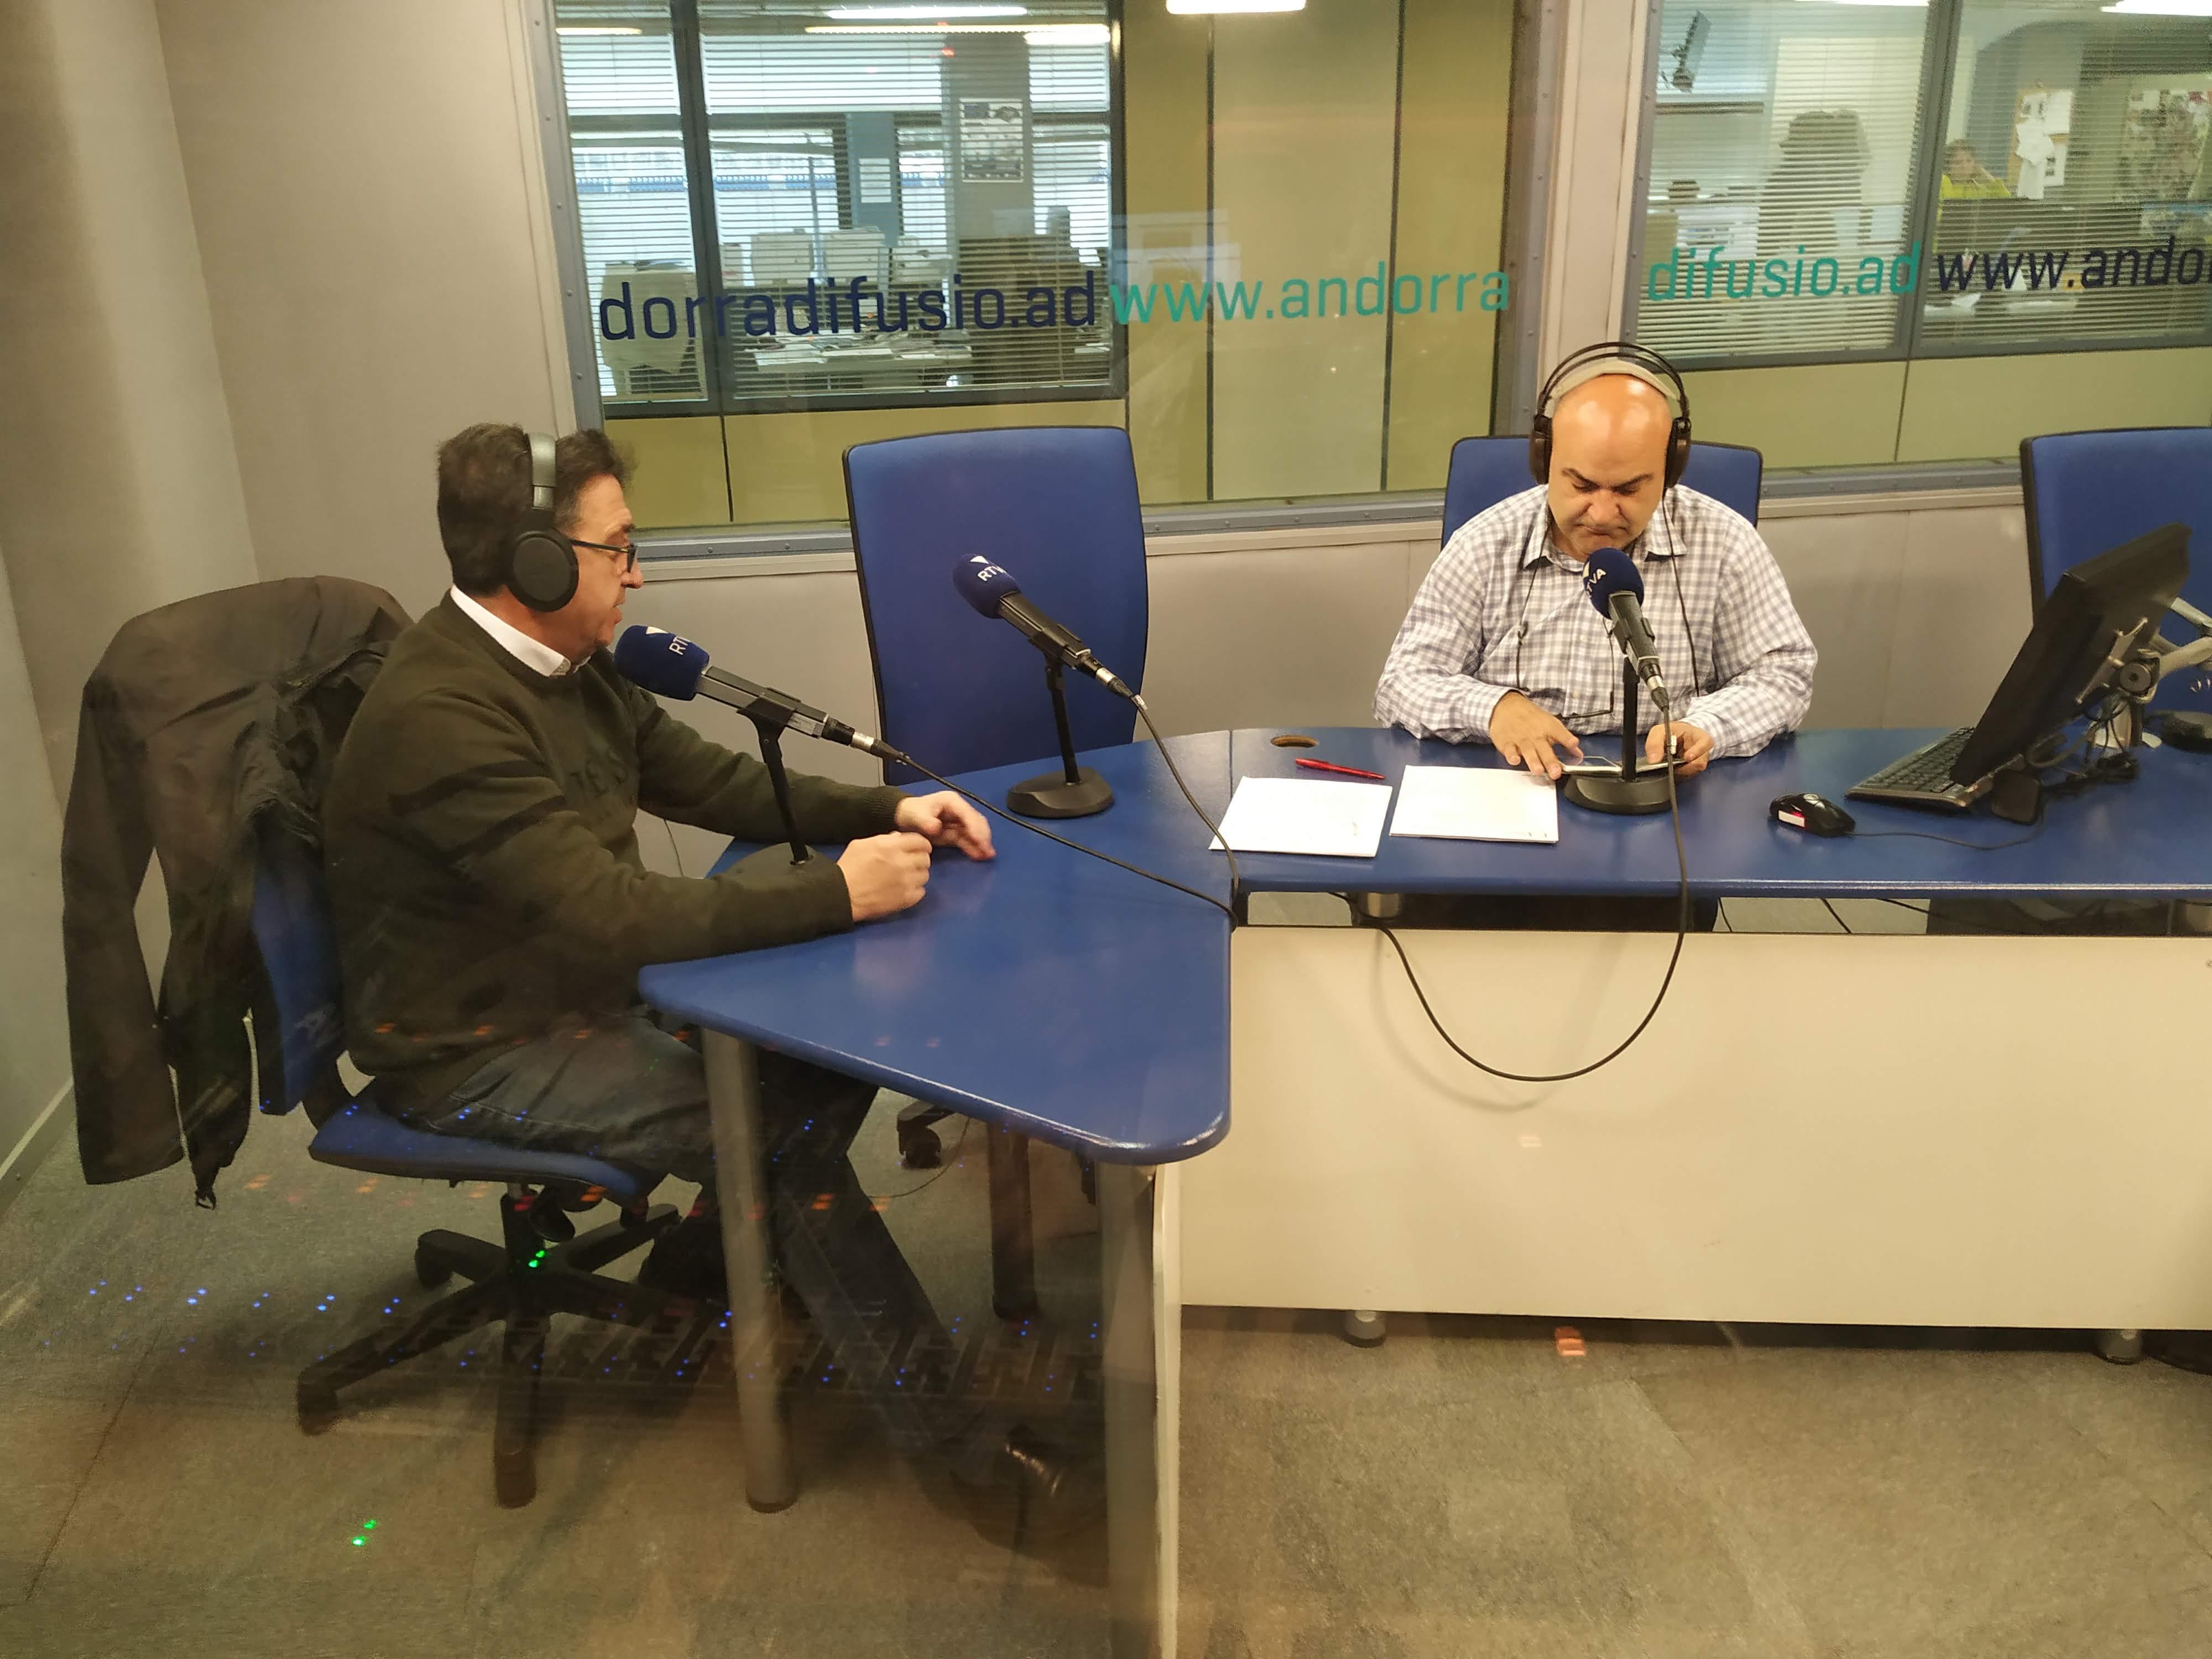 Tertúlia amb Josep Maria Cucalón i Andoni Azurmendi 18 de febrer del 2020